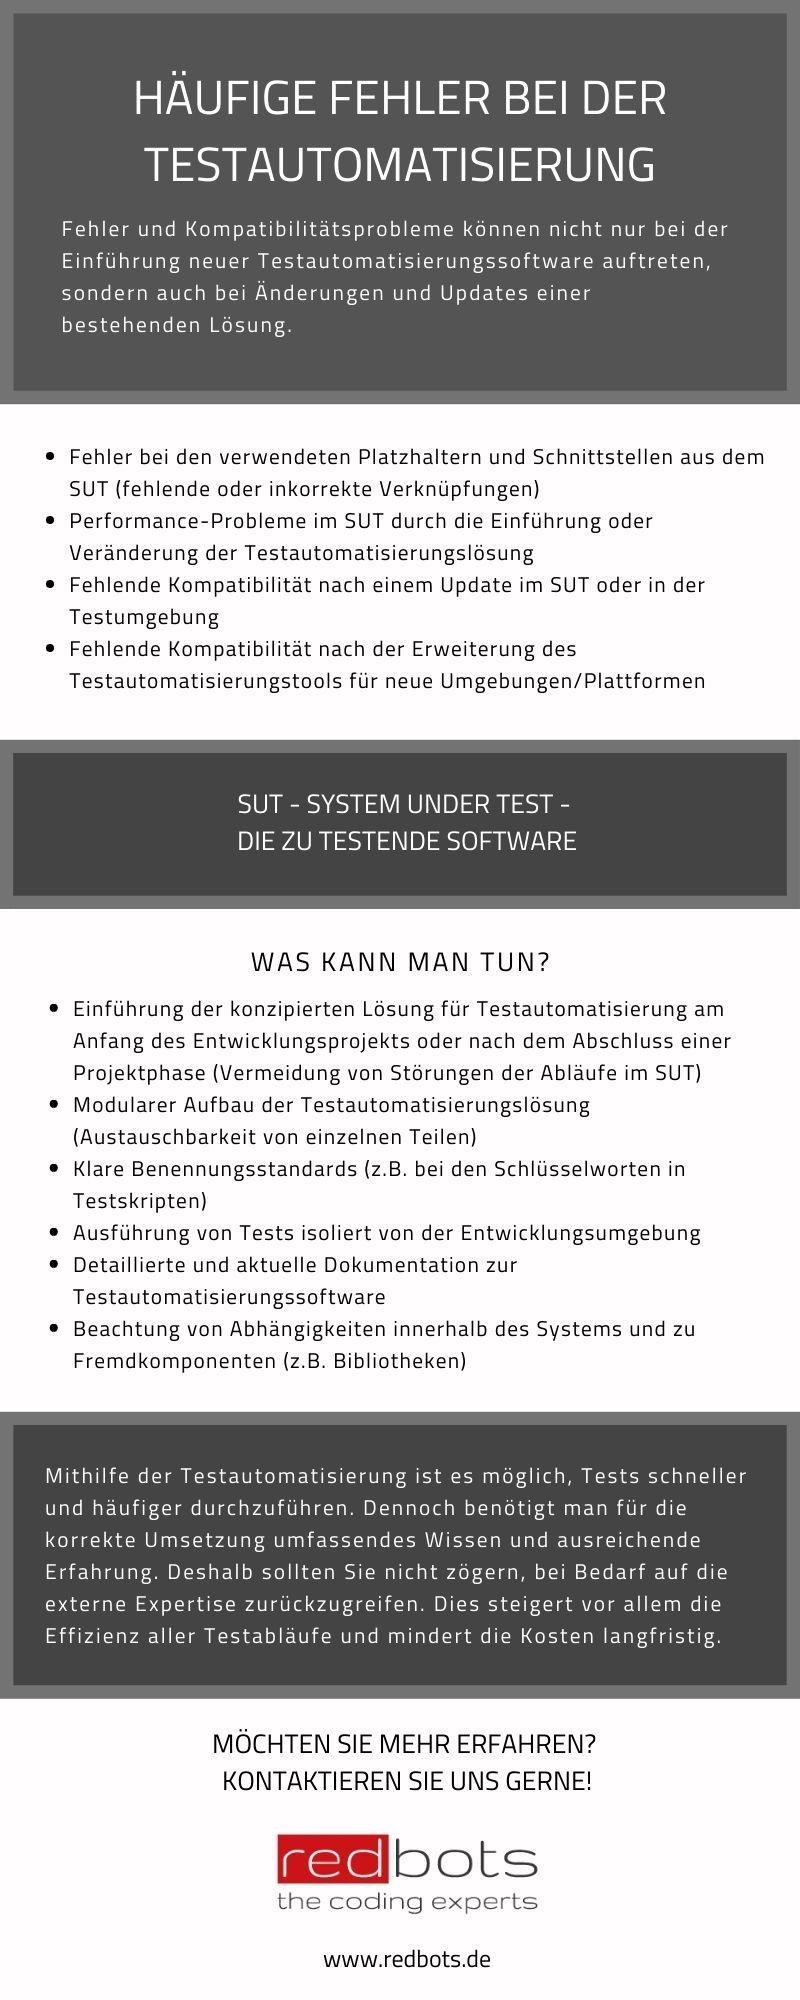 Häufige Fehler bei der Testautomatisierung (Infografik)